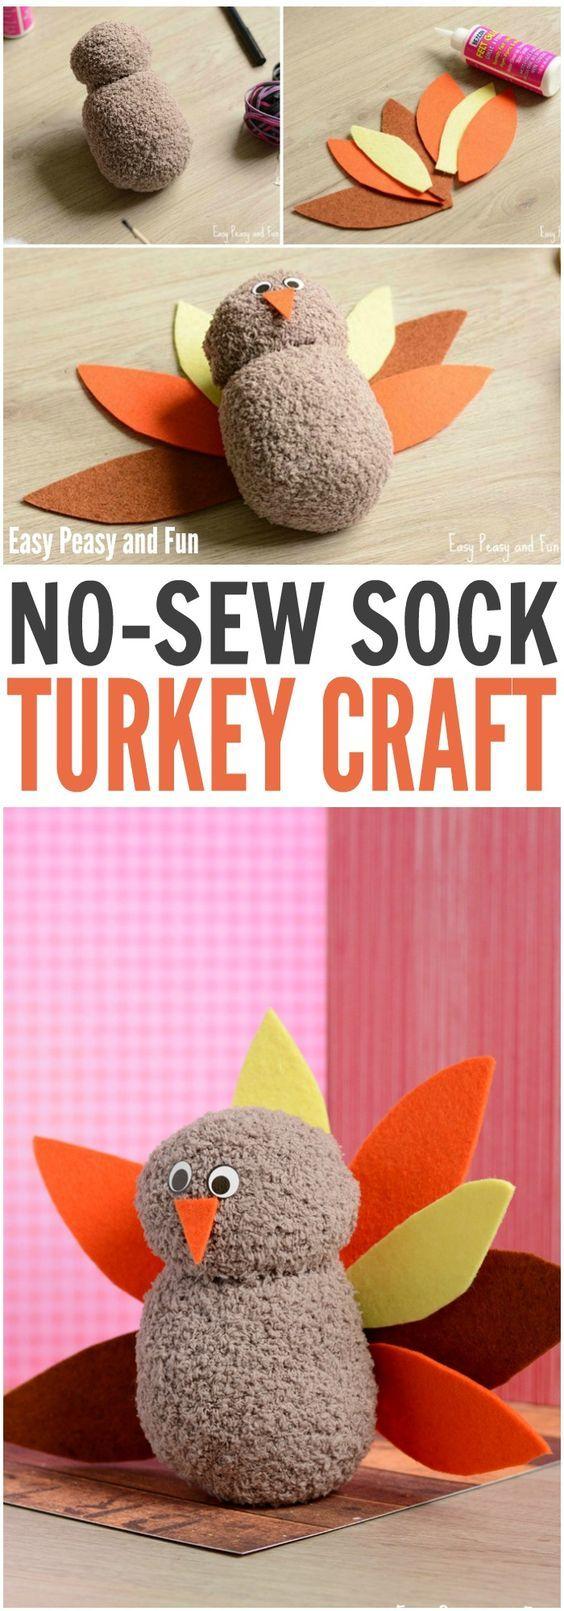 40 + Easy Thanksgiving Crafts zu machen #thanksgivingcrafts